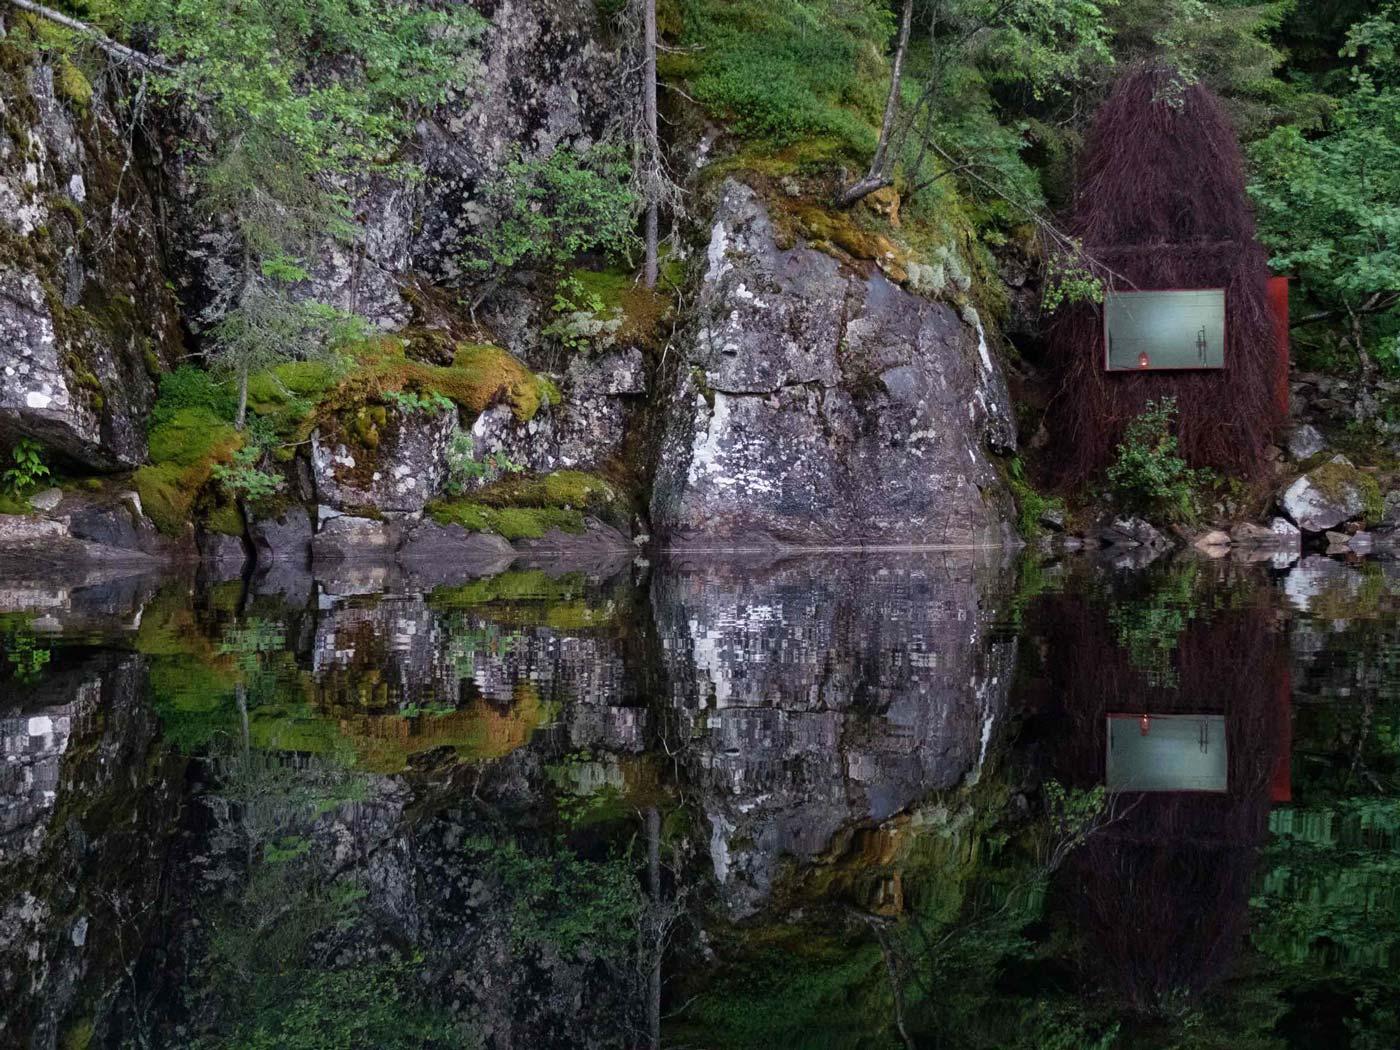 gartnerfuglen-norwegian-secret-hideaway-1